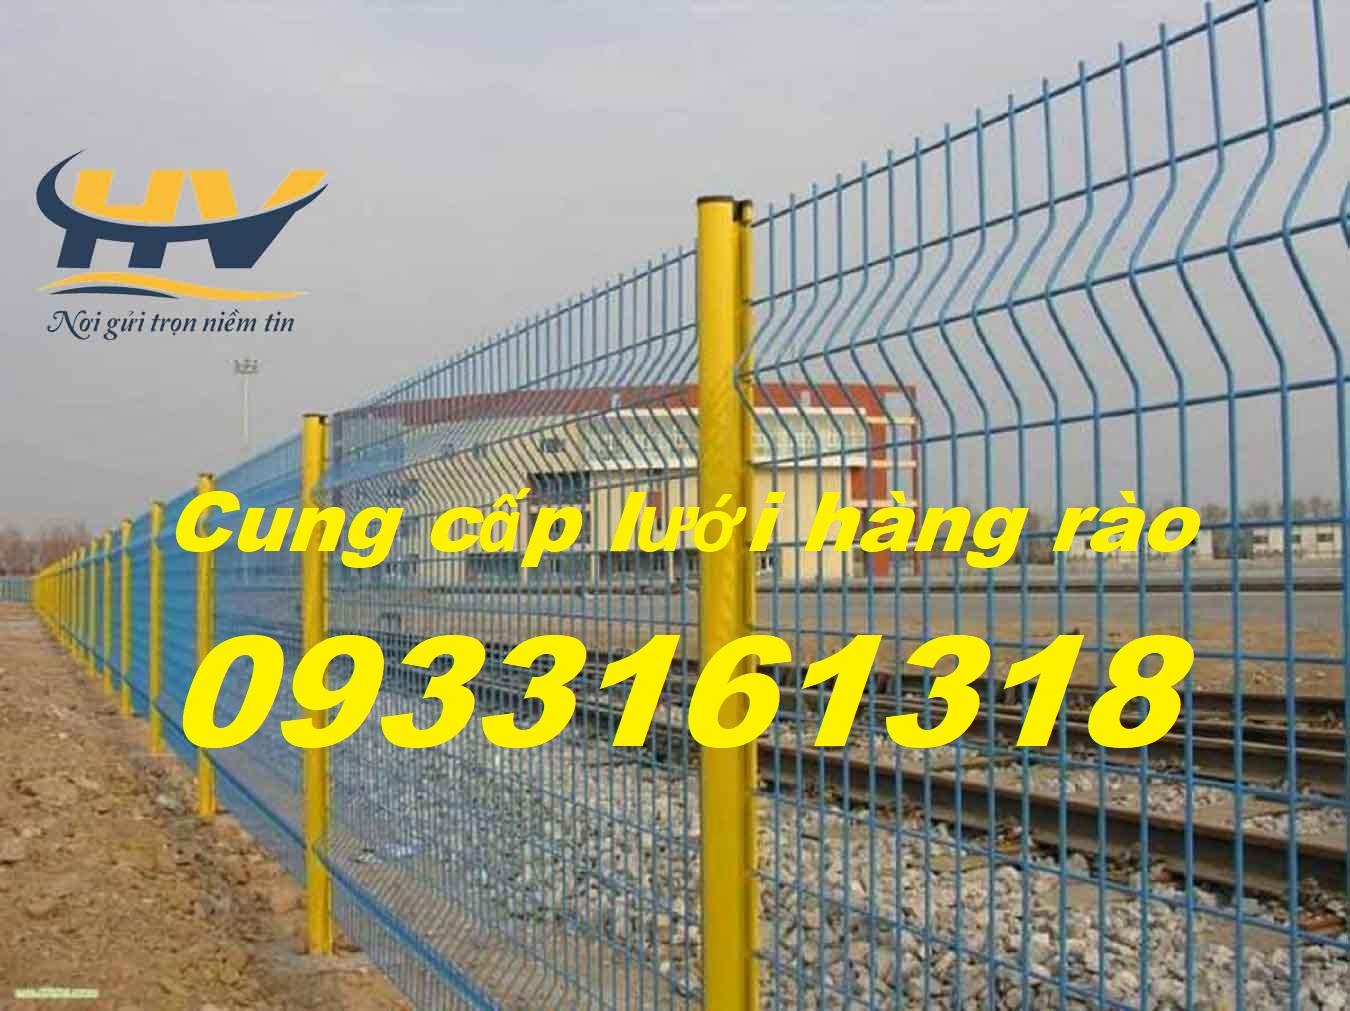 Hàng rào lưới thép, lưới thép hàng rào bảo vệ, hàng rào mạ kẽm